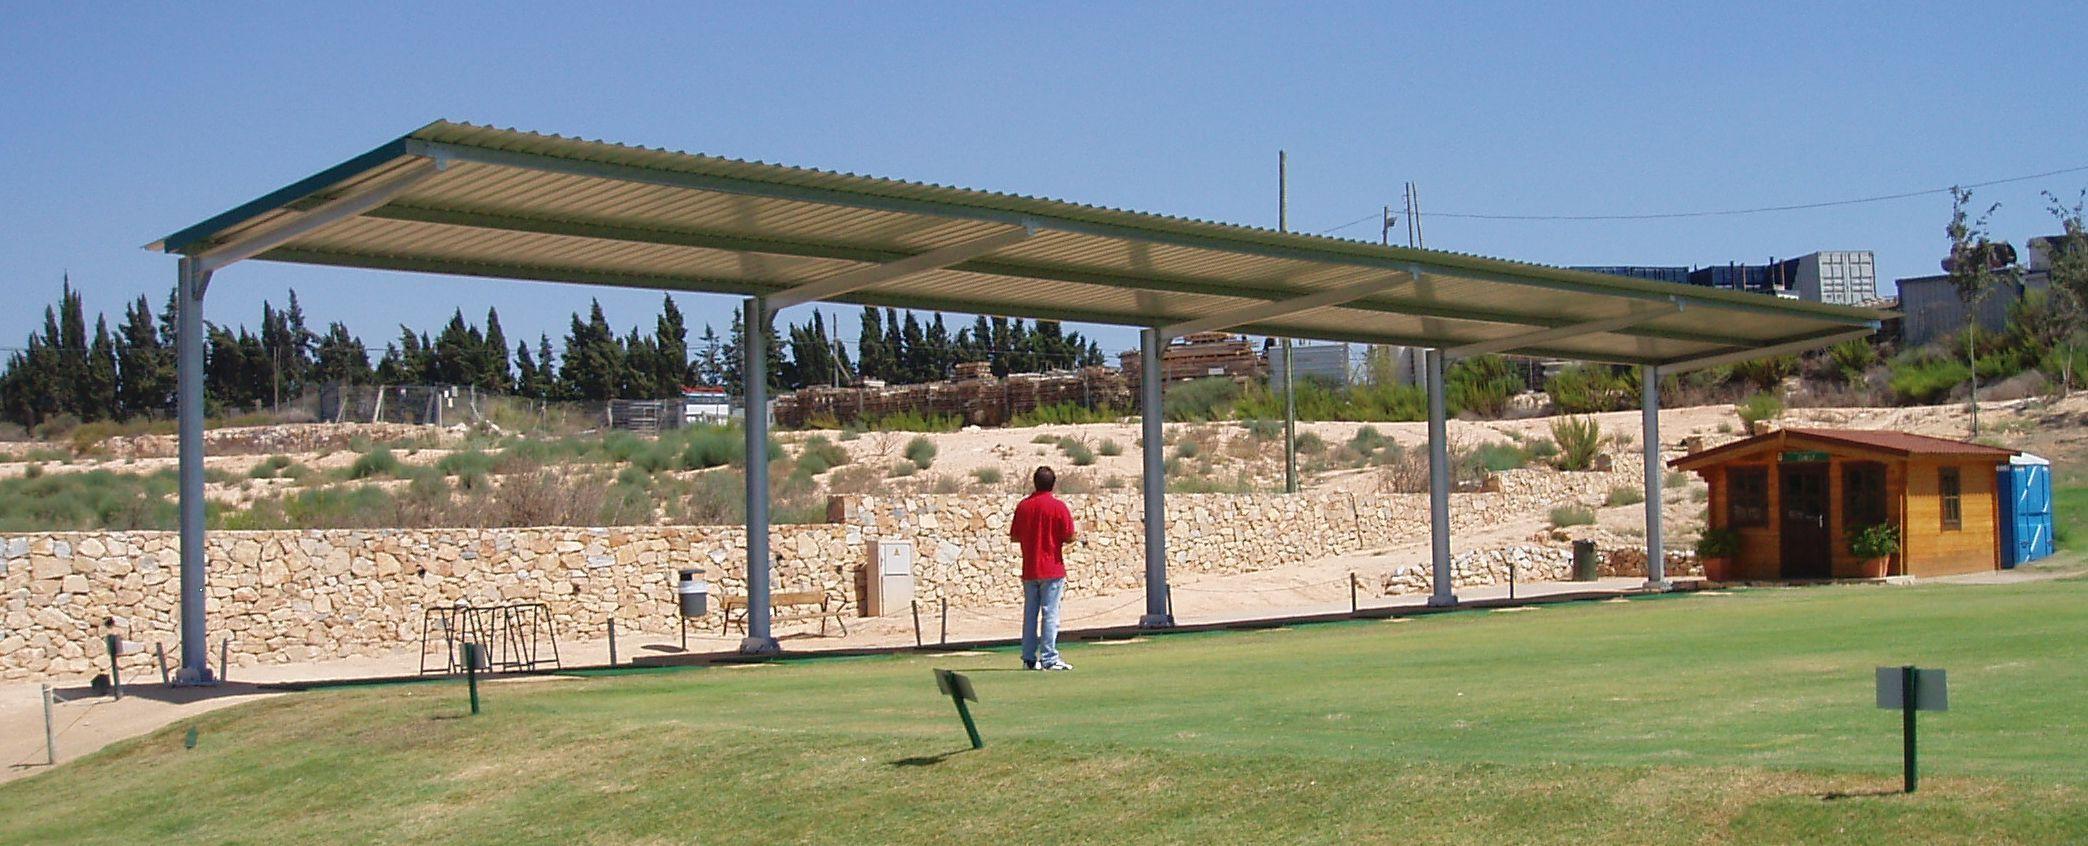 Cubrir instalaciones deportivas con techos protectores - Lonas para techos ...